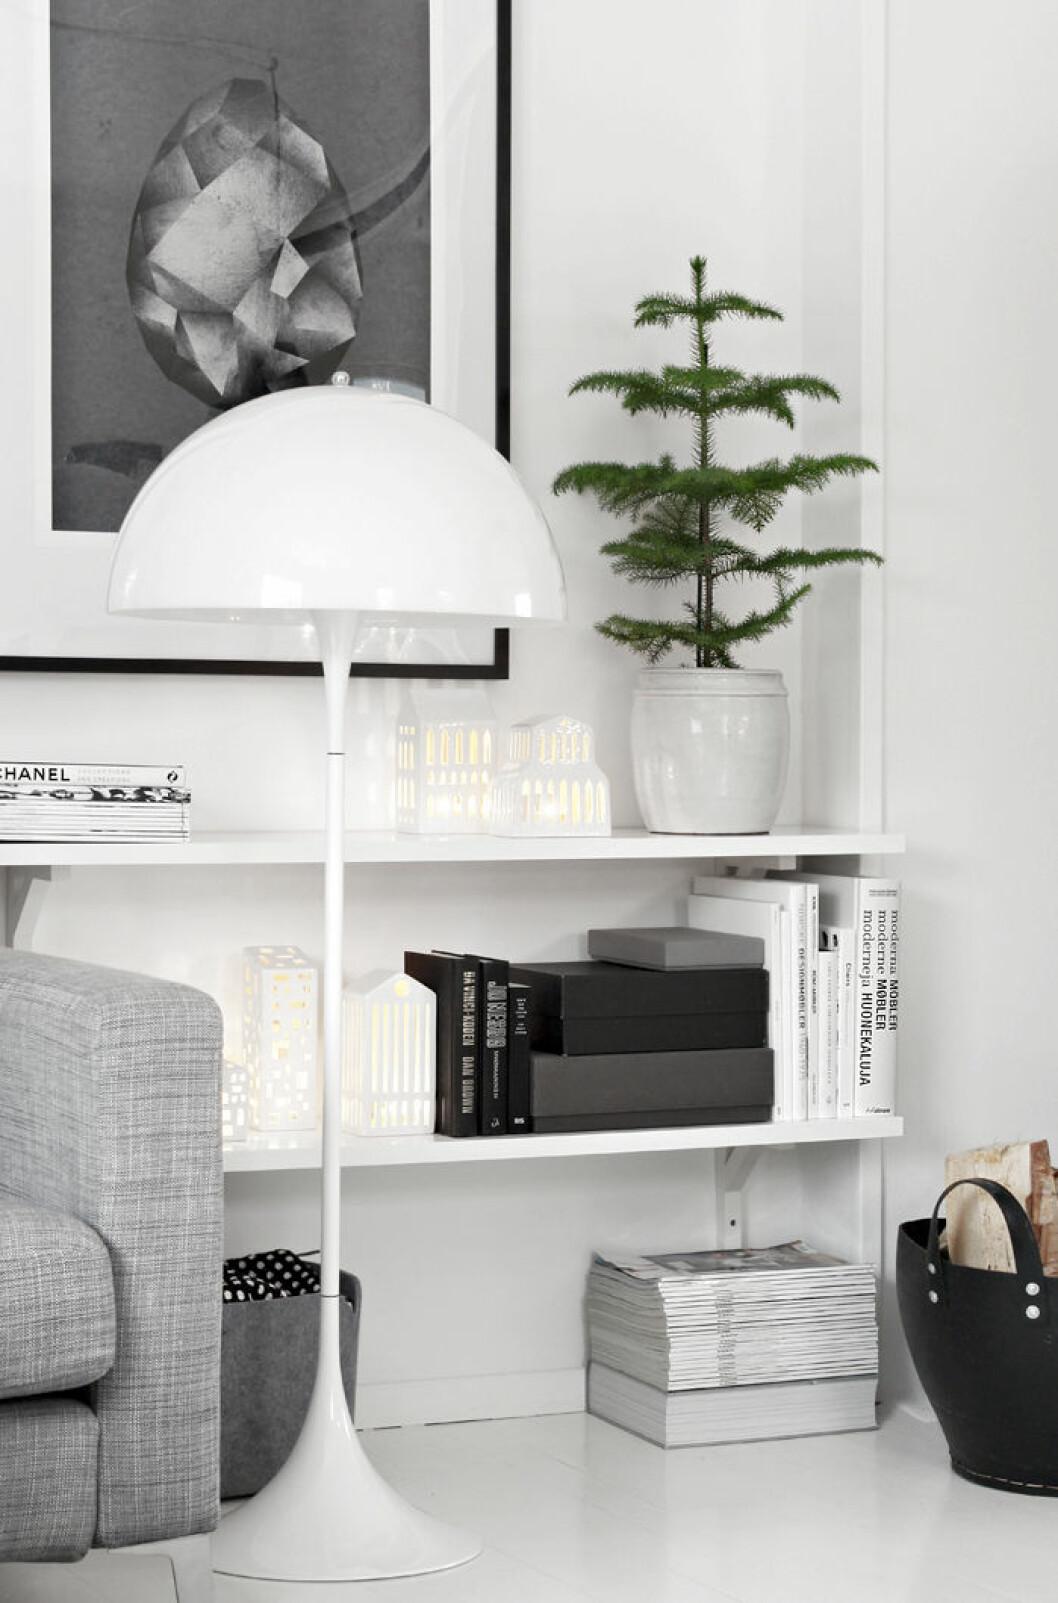 Platsbyggd hylla i vardagsrum med liten rumsgran i en kruka på